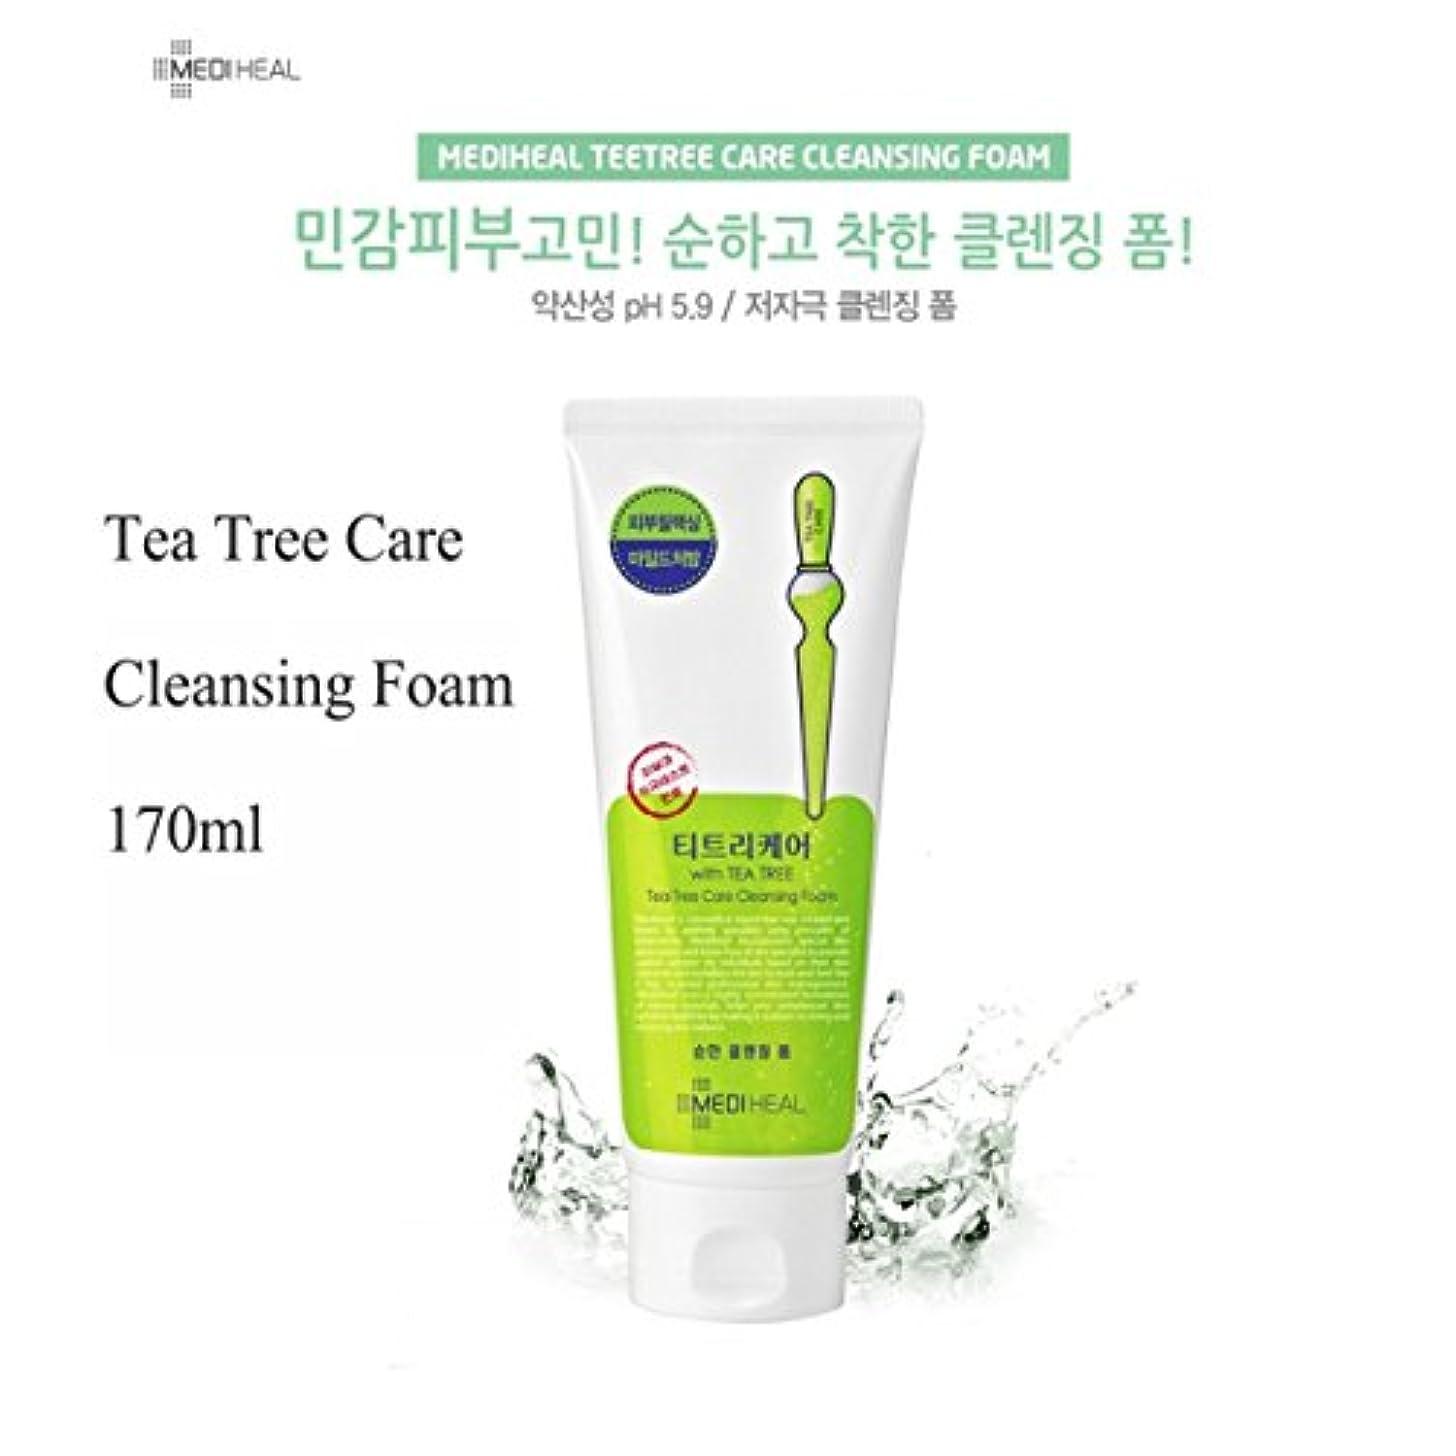 清めるカレンダー除去MEDIHEAL Tea Tree Foam Cleansing 170ml/メディヒール ティー ツリー フォーム クレンジング 170ml